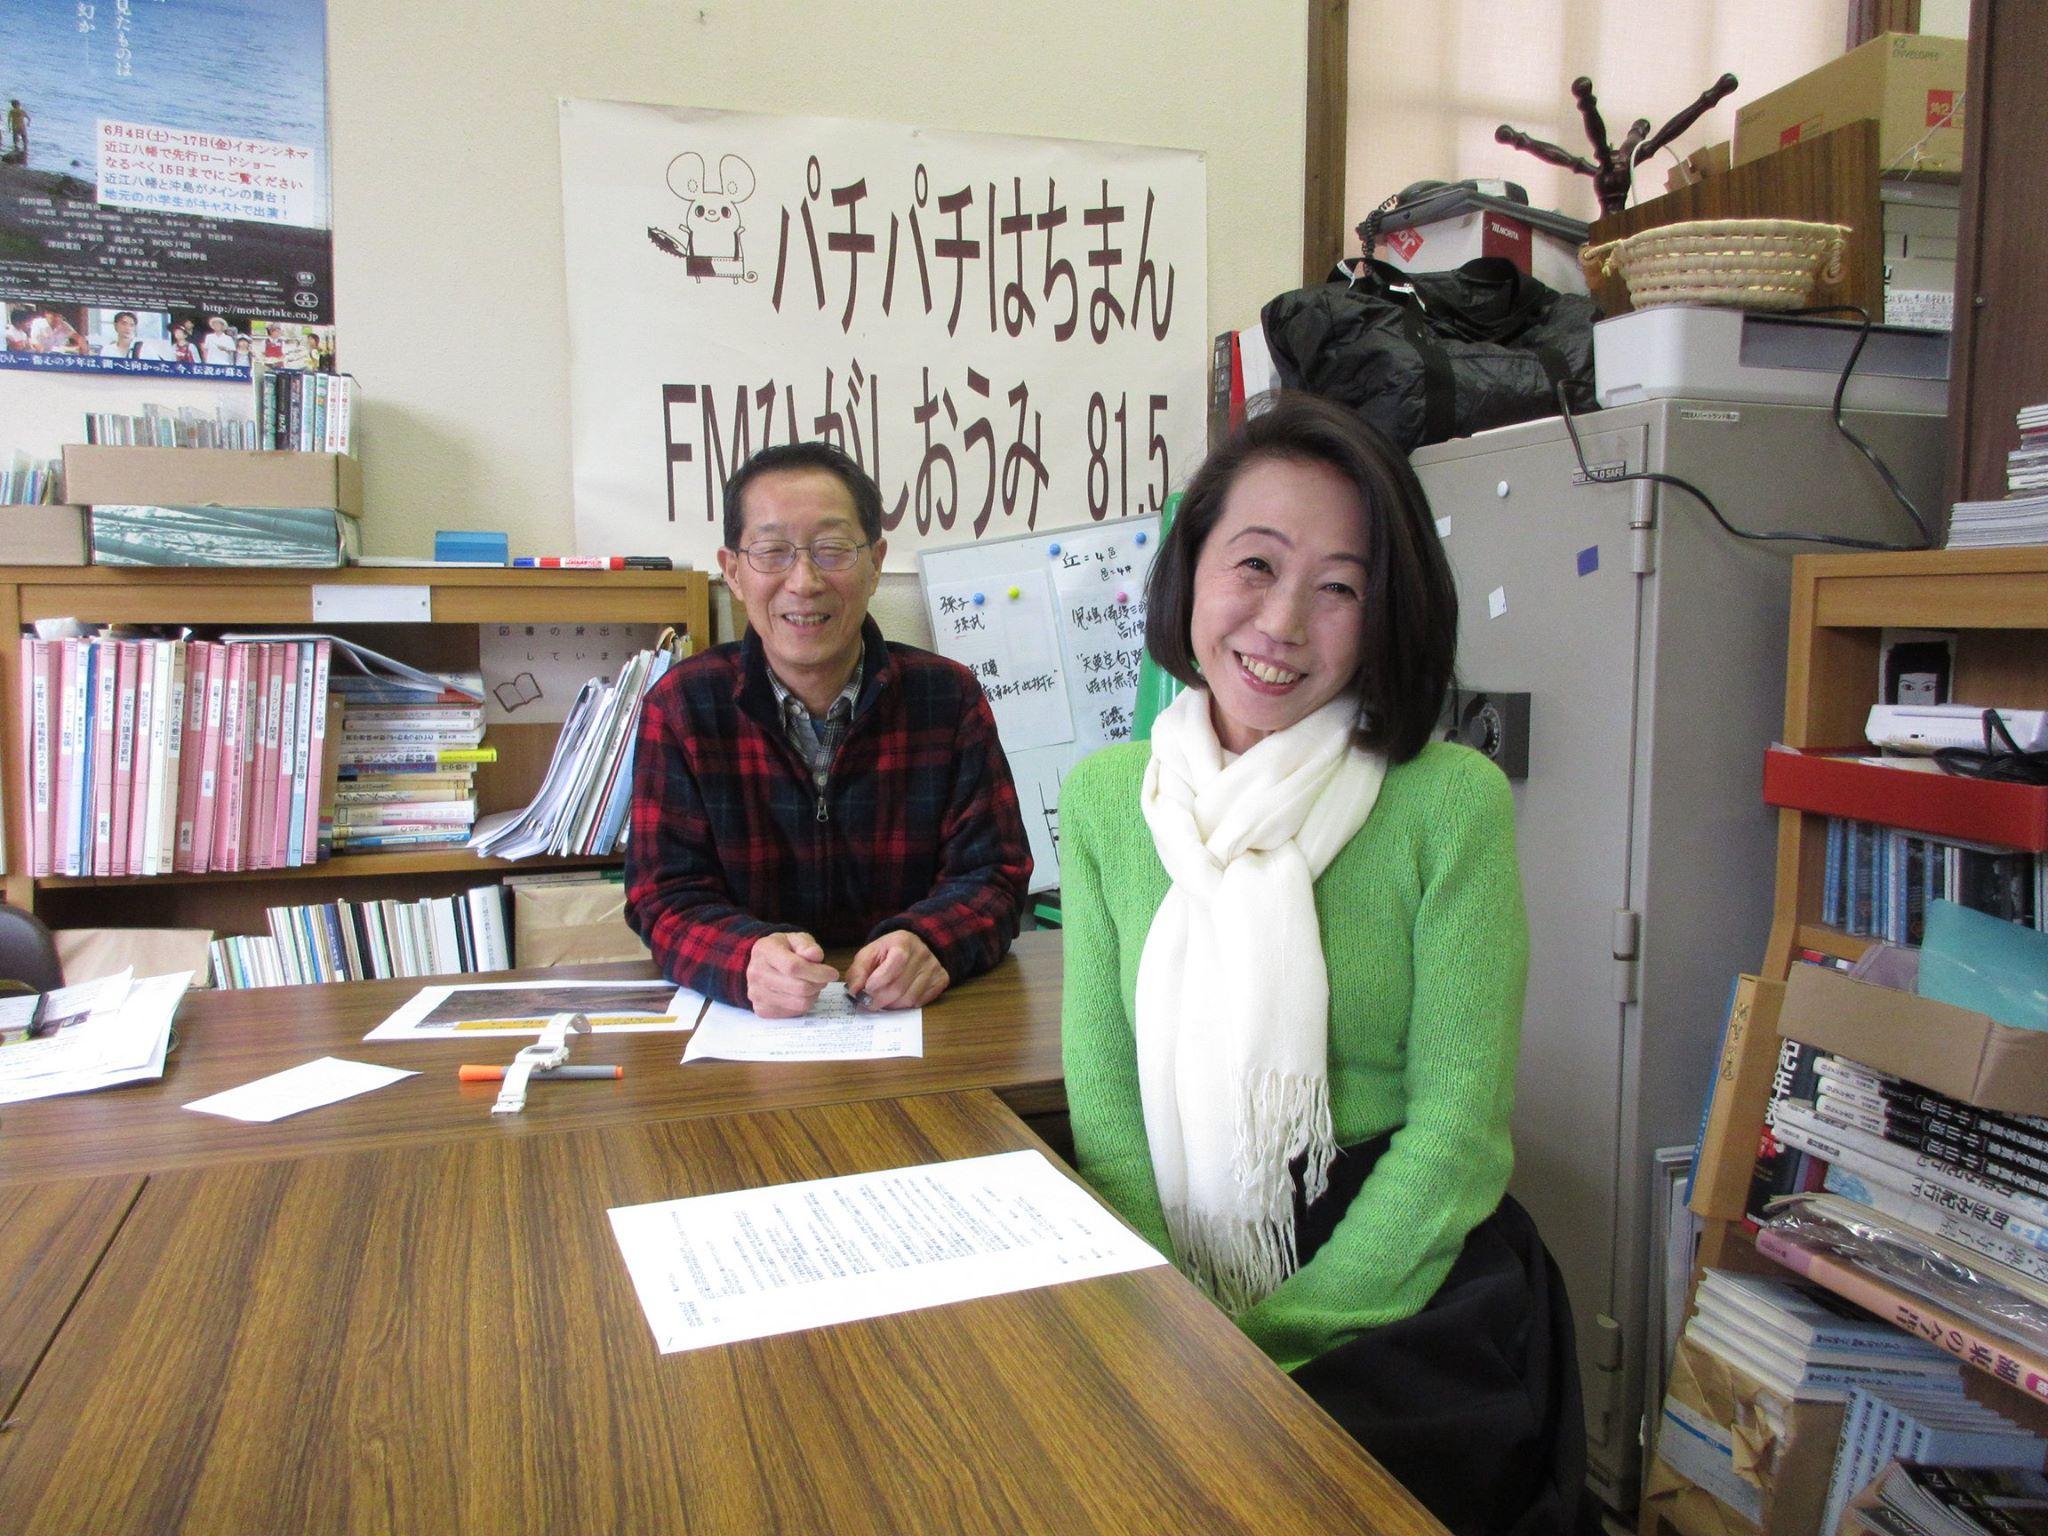 滋賀市民ギターオーケストラの植山泰子さんにご出演いただきました。